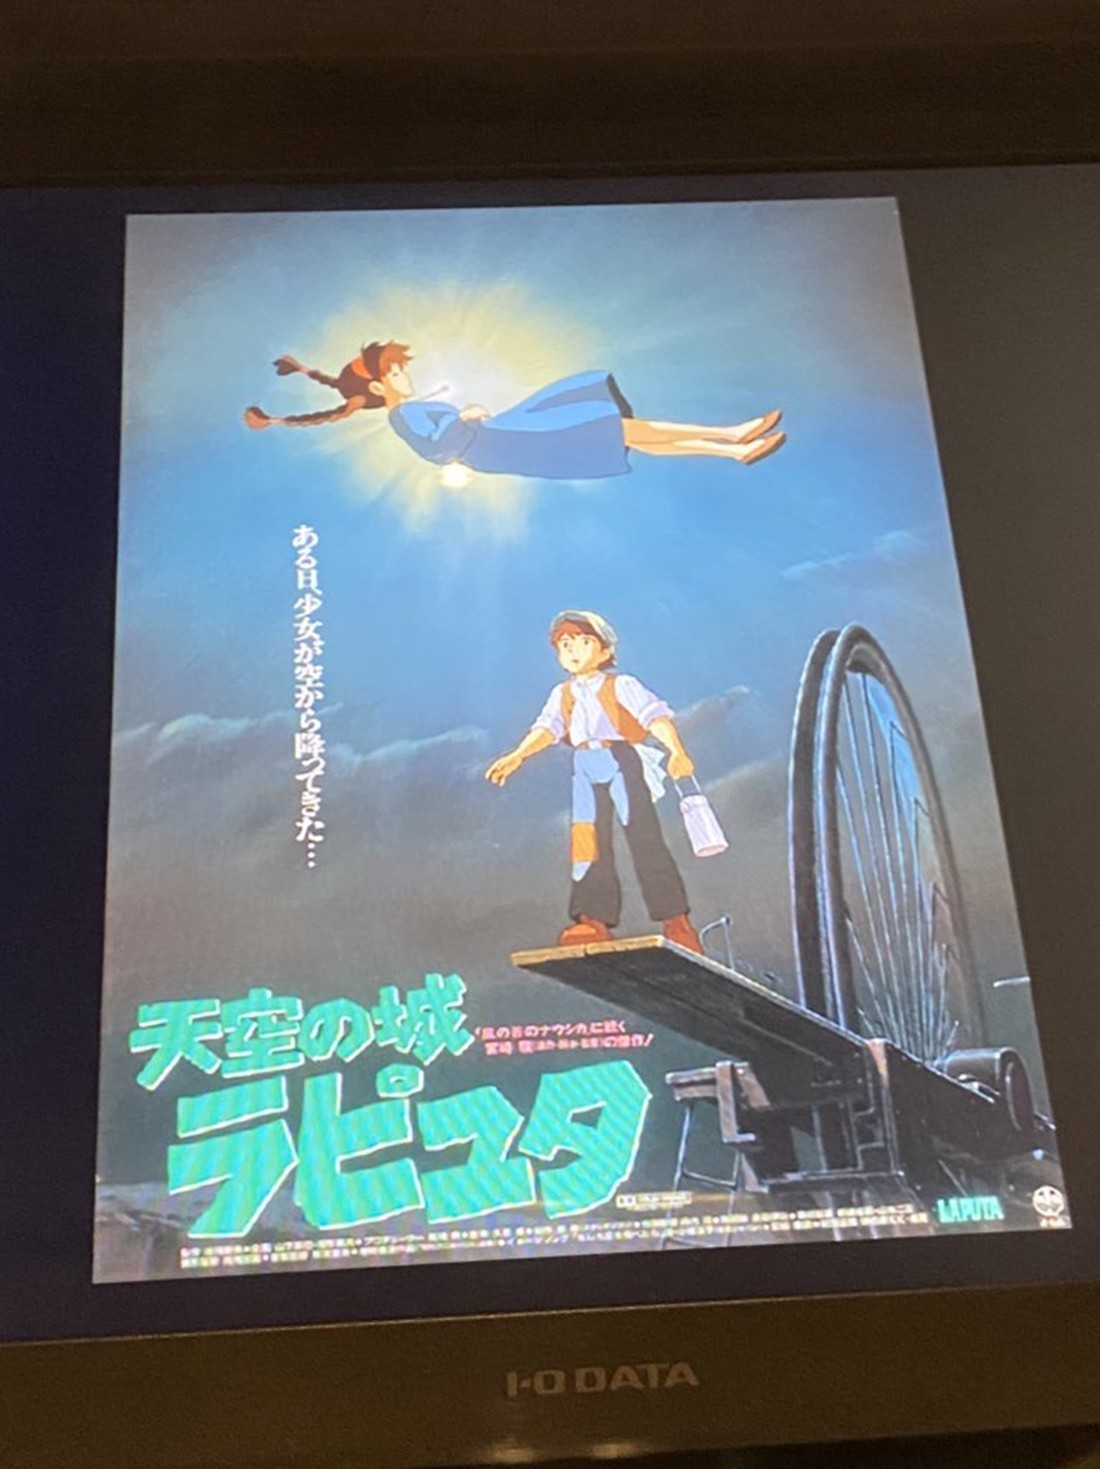 「天空の城ラピュタ:劇場公開イベント」